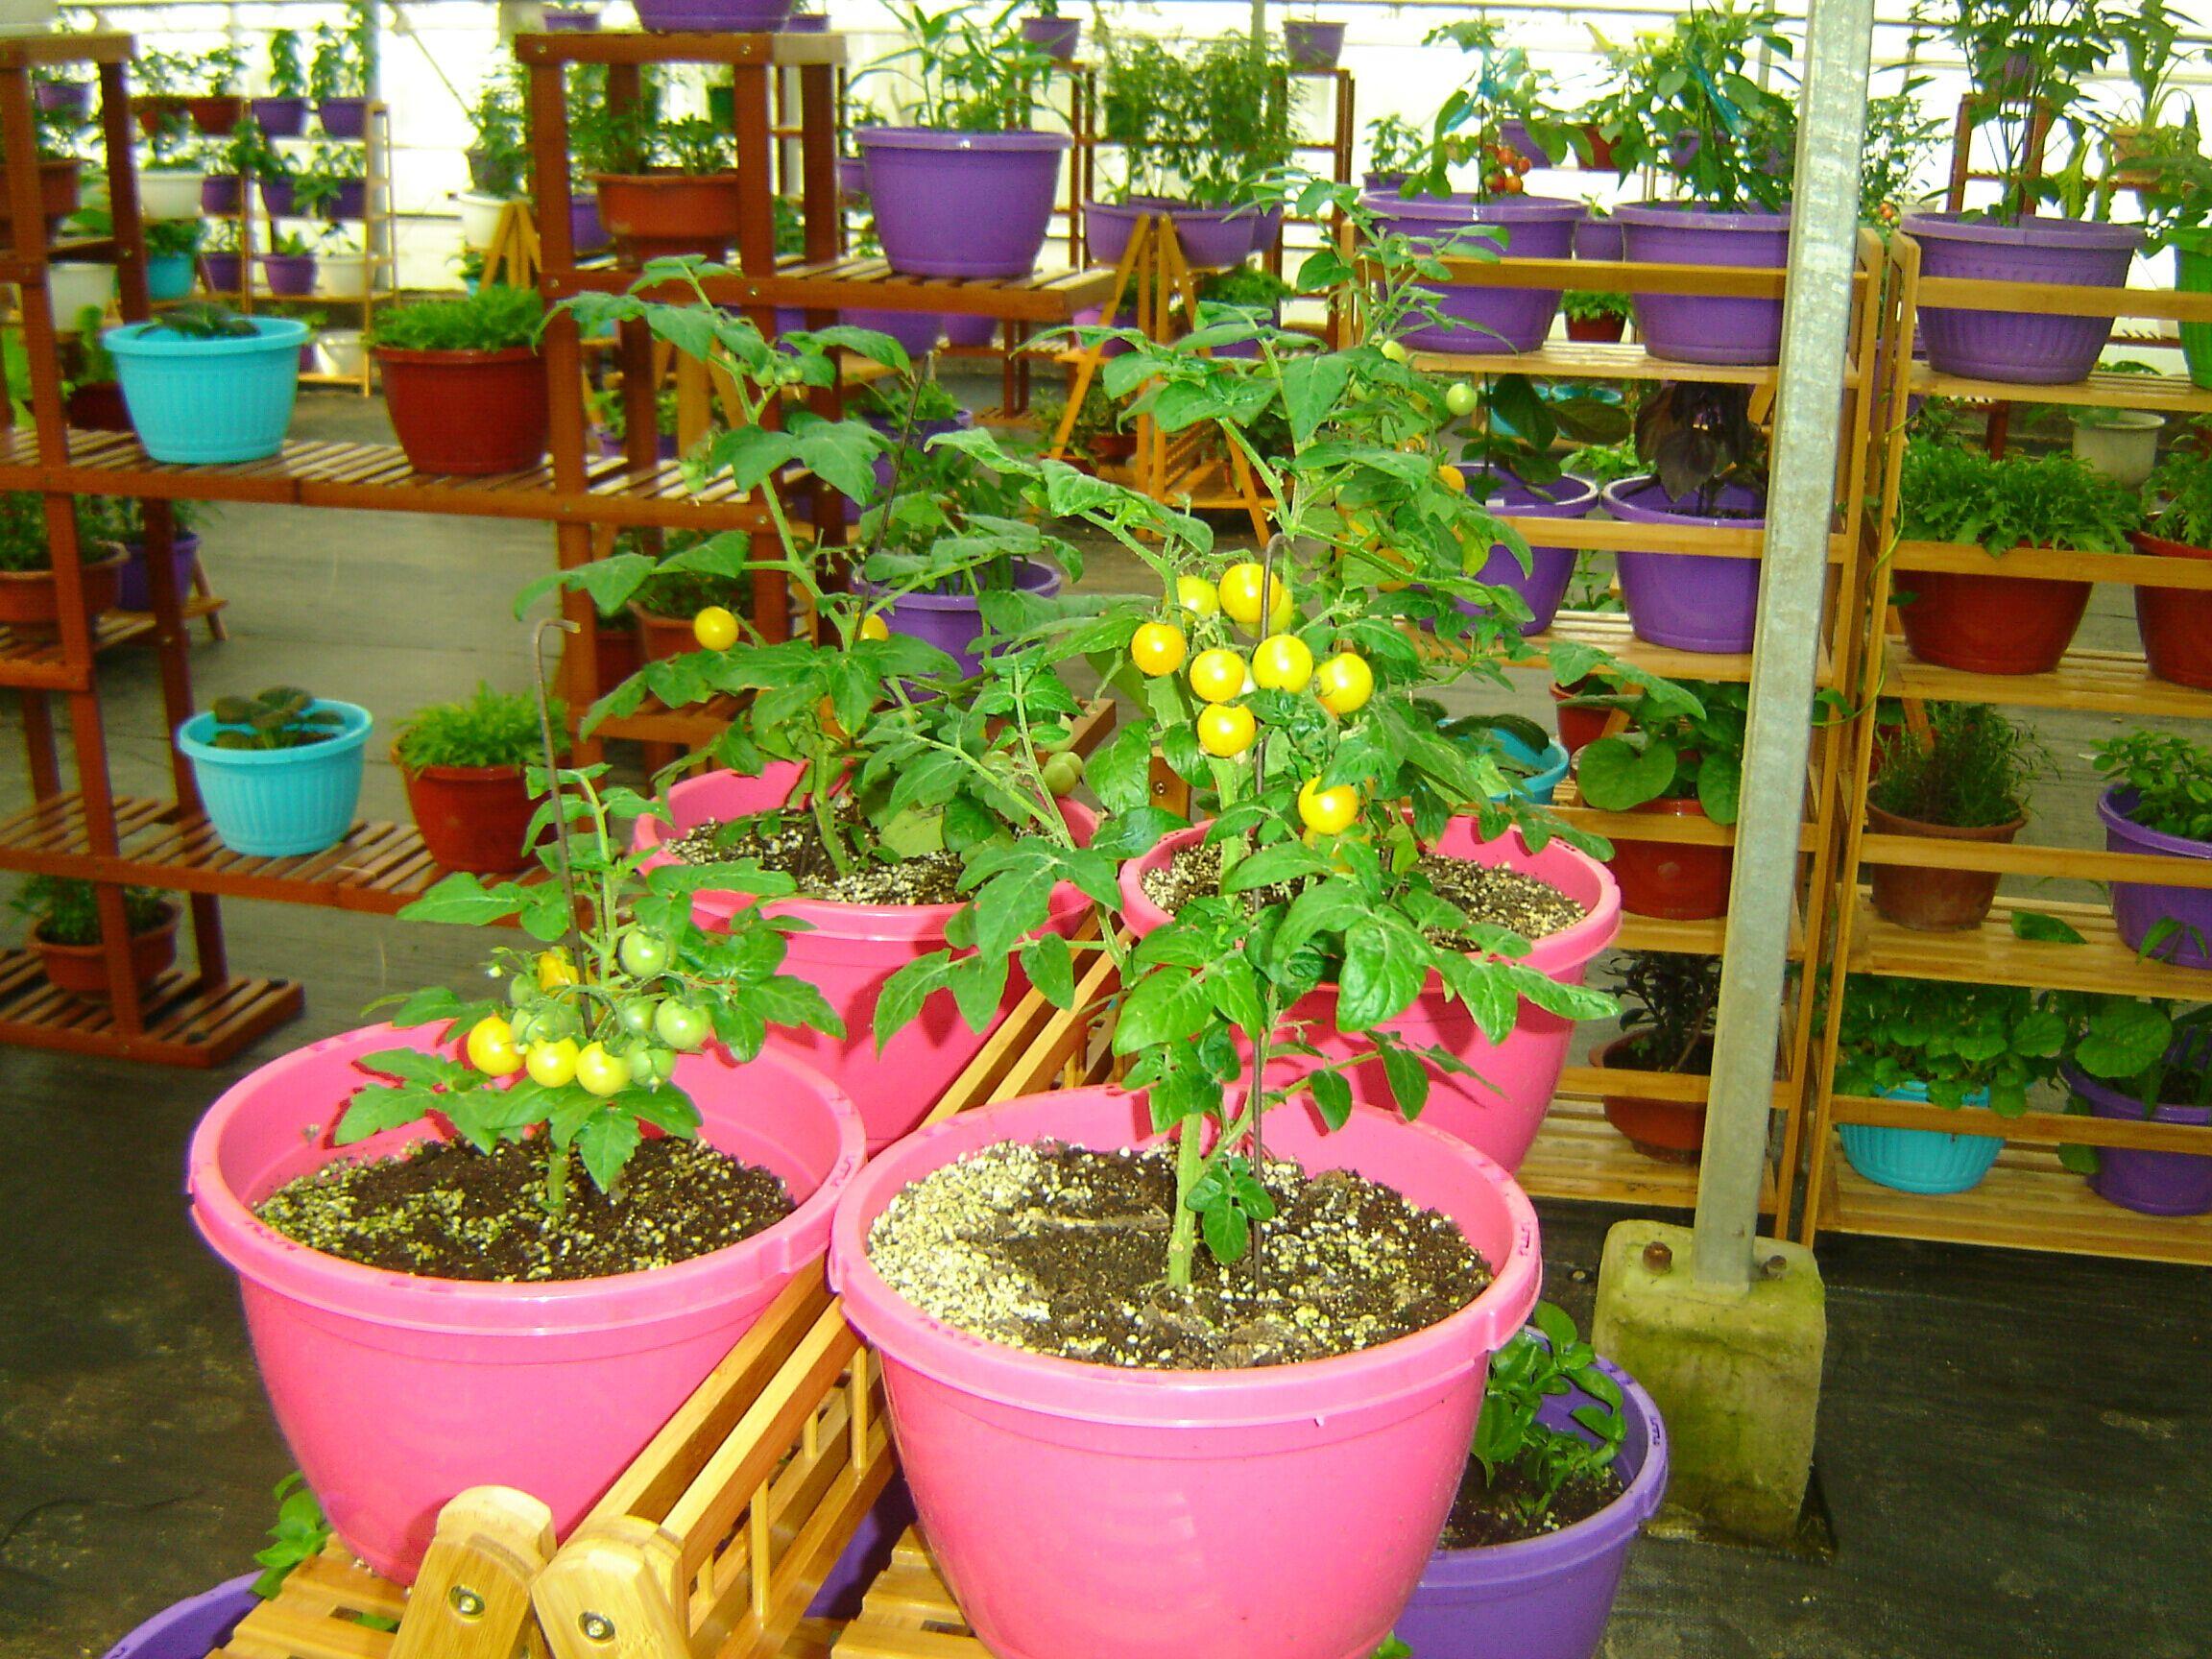 壁纸 花 盆景 盆栽 植物 桌面 2304_1728